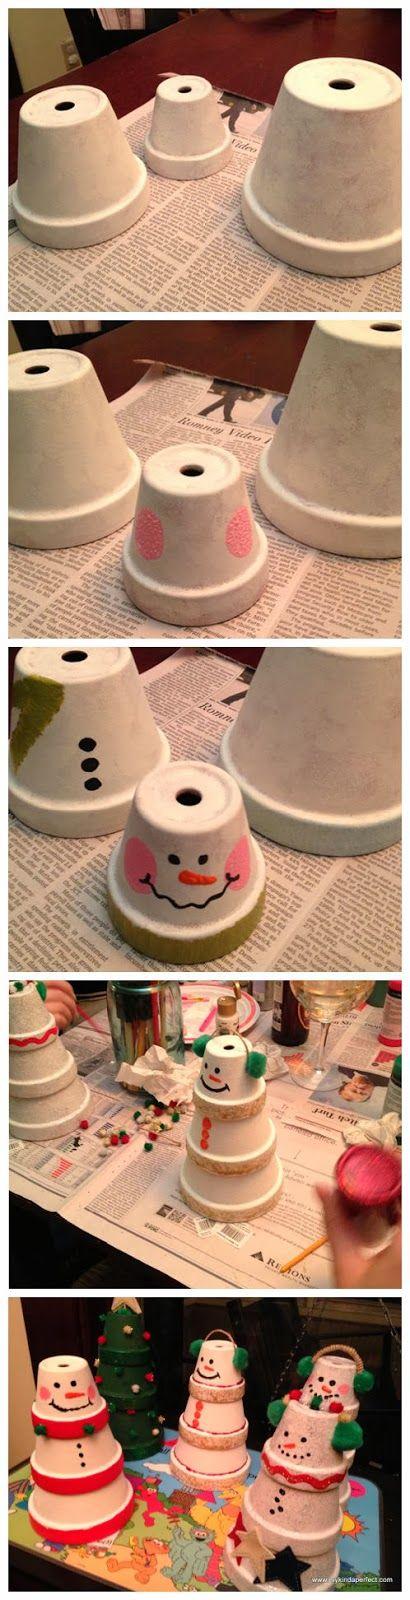 snowman craft-only do first snowman